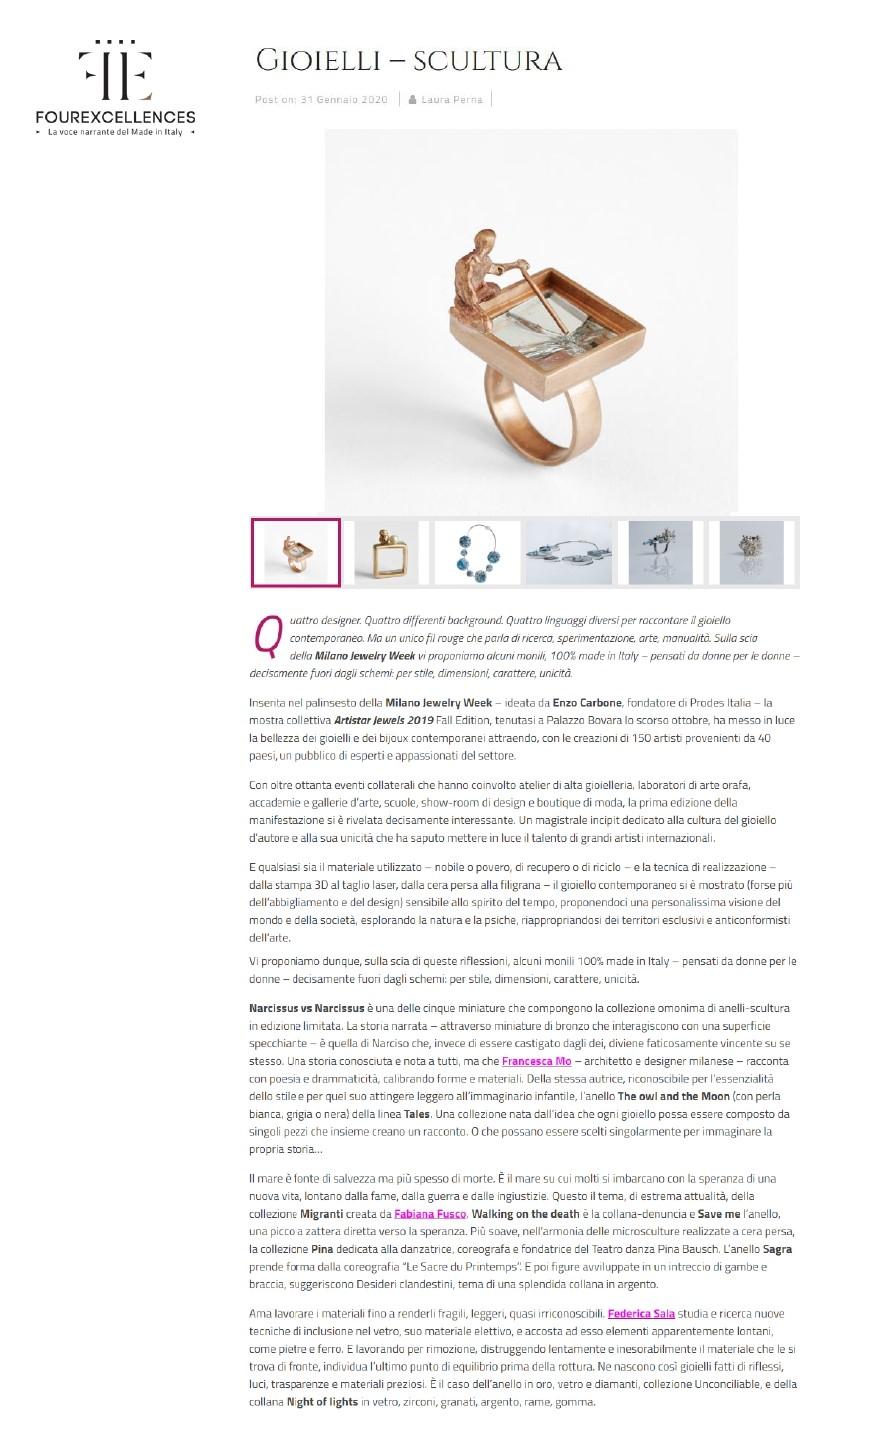 Fourexcellences.com – 31 Gennaio 2020